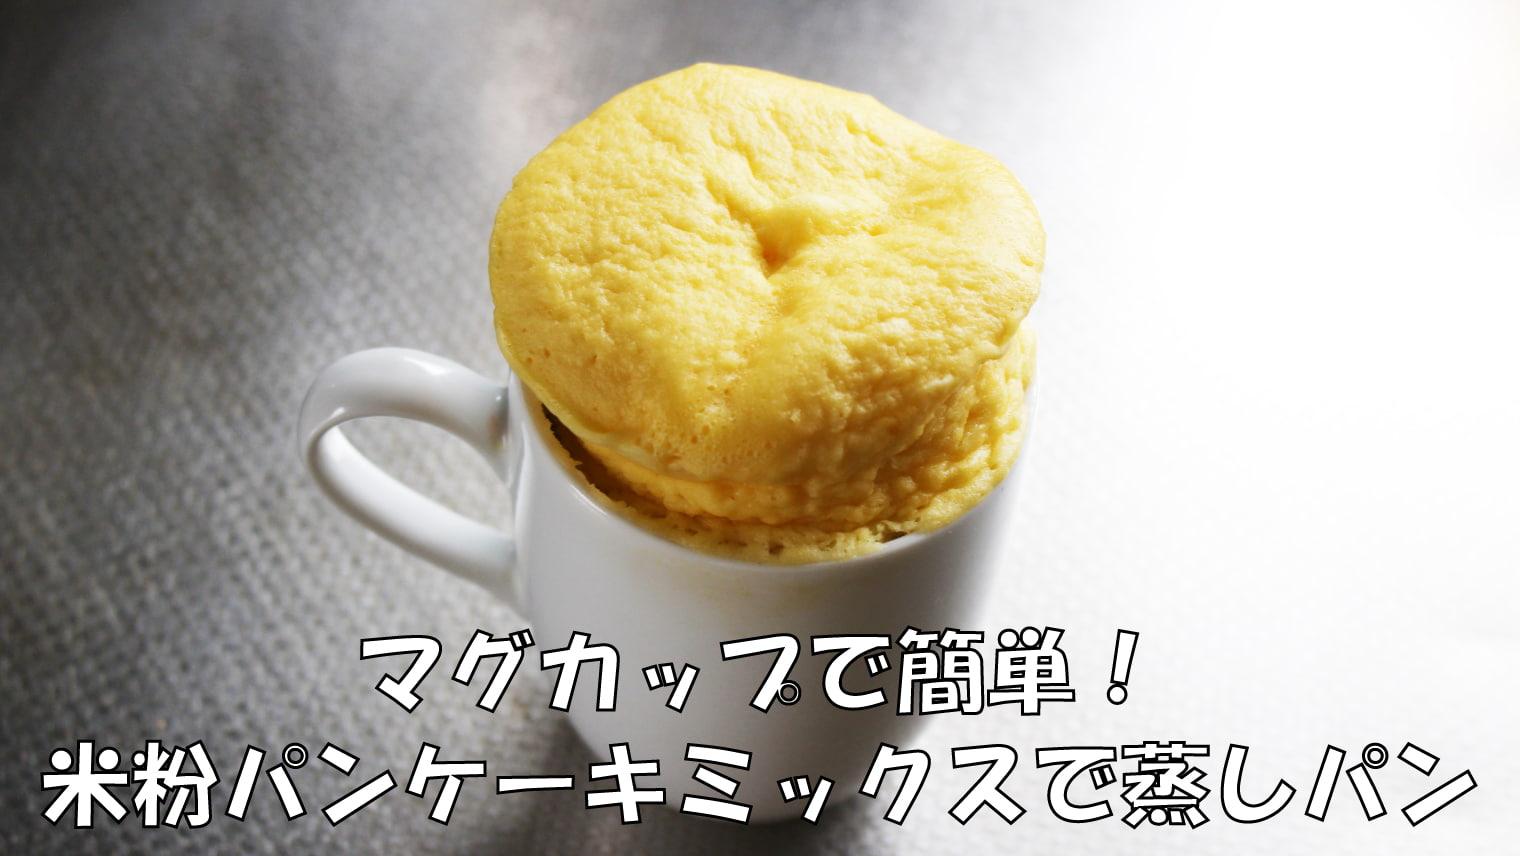 マグカップで簡単!「米粉パンケーキミックスで蒸しパン」レシピ